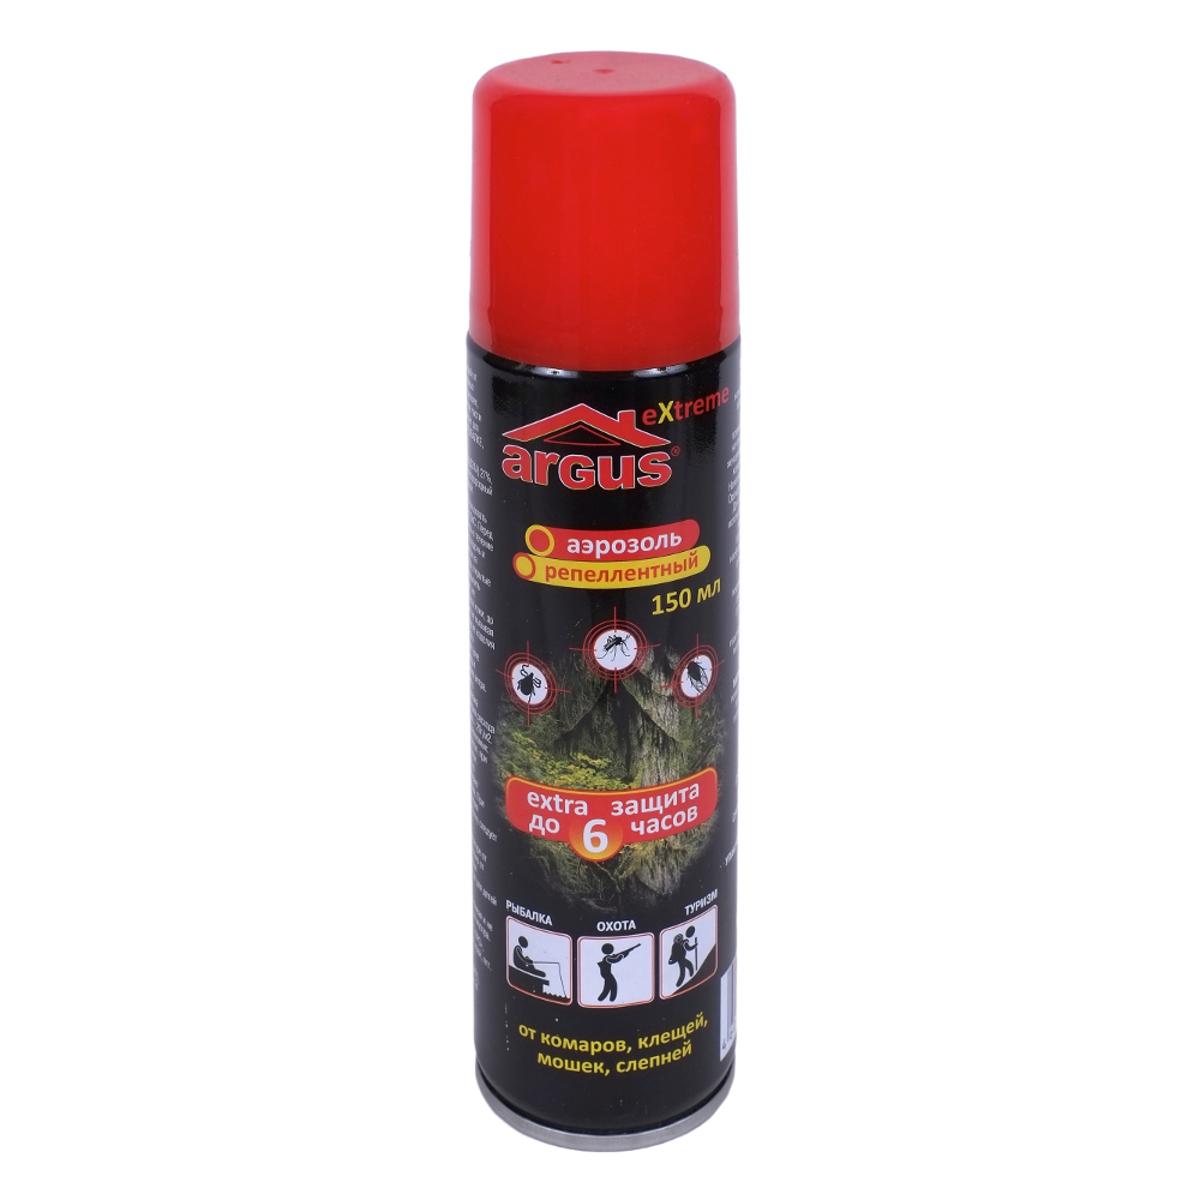 Аэрозоль репеллентный против насекомых Argus, 150 мл653060Репеллентный аэрозоль Argus применяется для защиты людей от нападения кровососущих насекомых (комаров, мокрецов, москитов, мошки, слепней) при нанесении на открытые части тела. Изделие идеально подойдет для защиты от насекомых в экстремальных условиях: на рыбалке, охоте, отдыхе, в лесу, в тайге, в горах, в районах с повышенной влажностью. Действие продолжается до 6 часов.Состав: N,N-диэтилтолуамид (ДЭТА) 27%, пропиленгликоль, отдушка, углеводородный пропеллент, спирт изопропиловый.